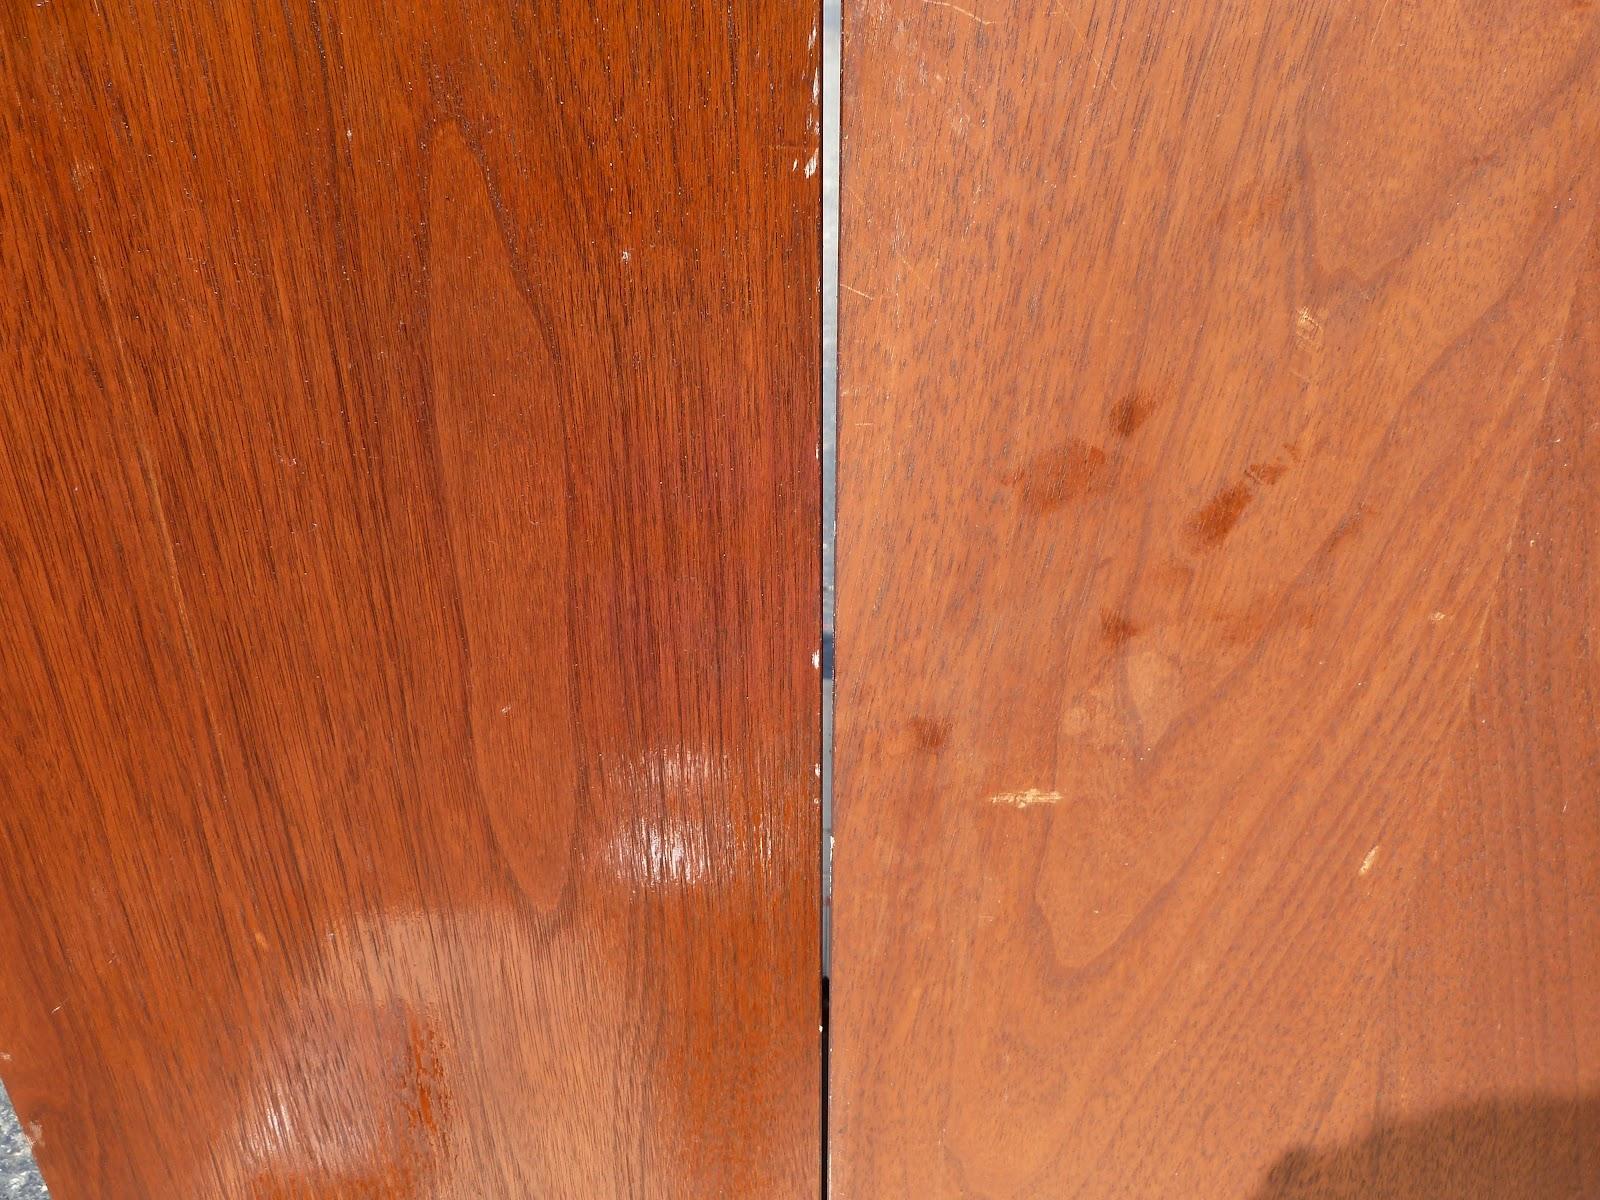 Sanded walnut veneer polished unpolishedSpeaker Repairs Part 2  Sealing and Protecting  Vintage Speaker  . Restoring Old Speaker Cabinets. Home Design Ideas